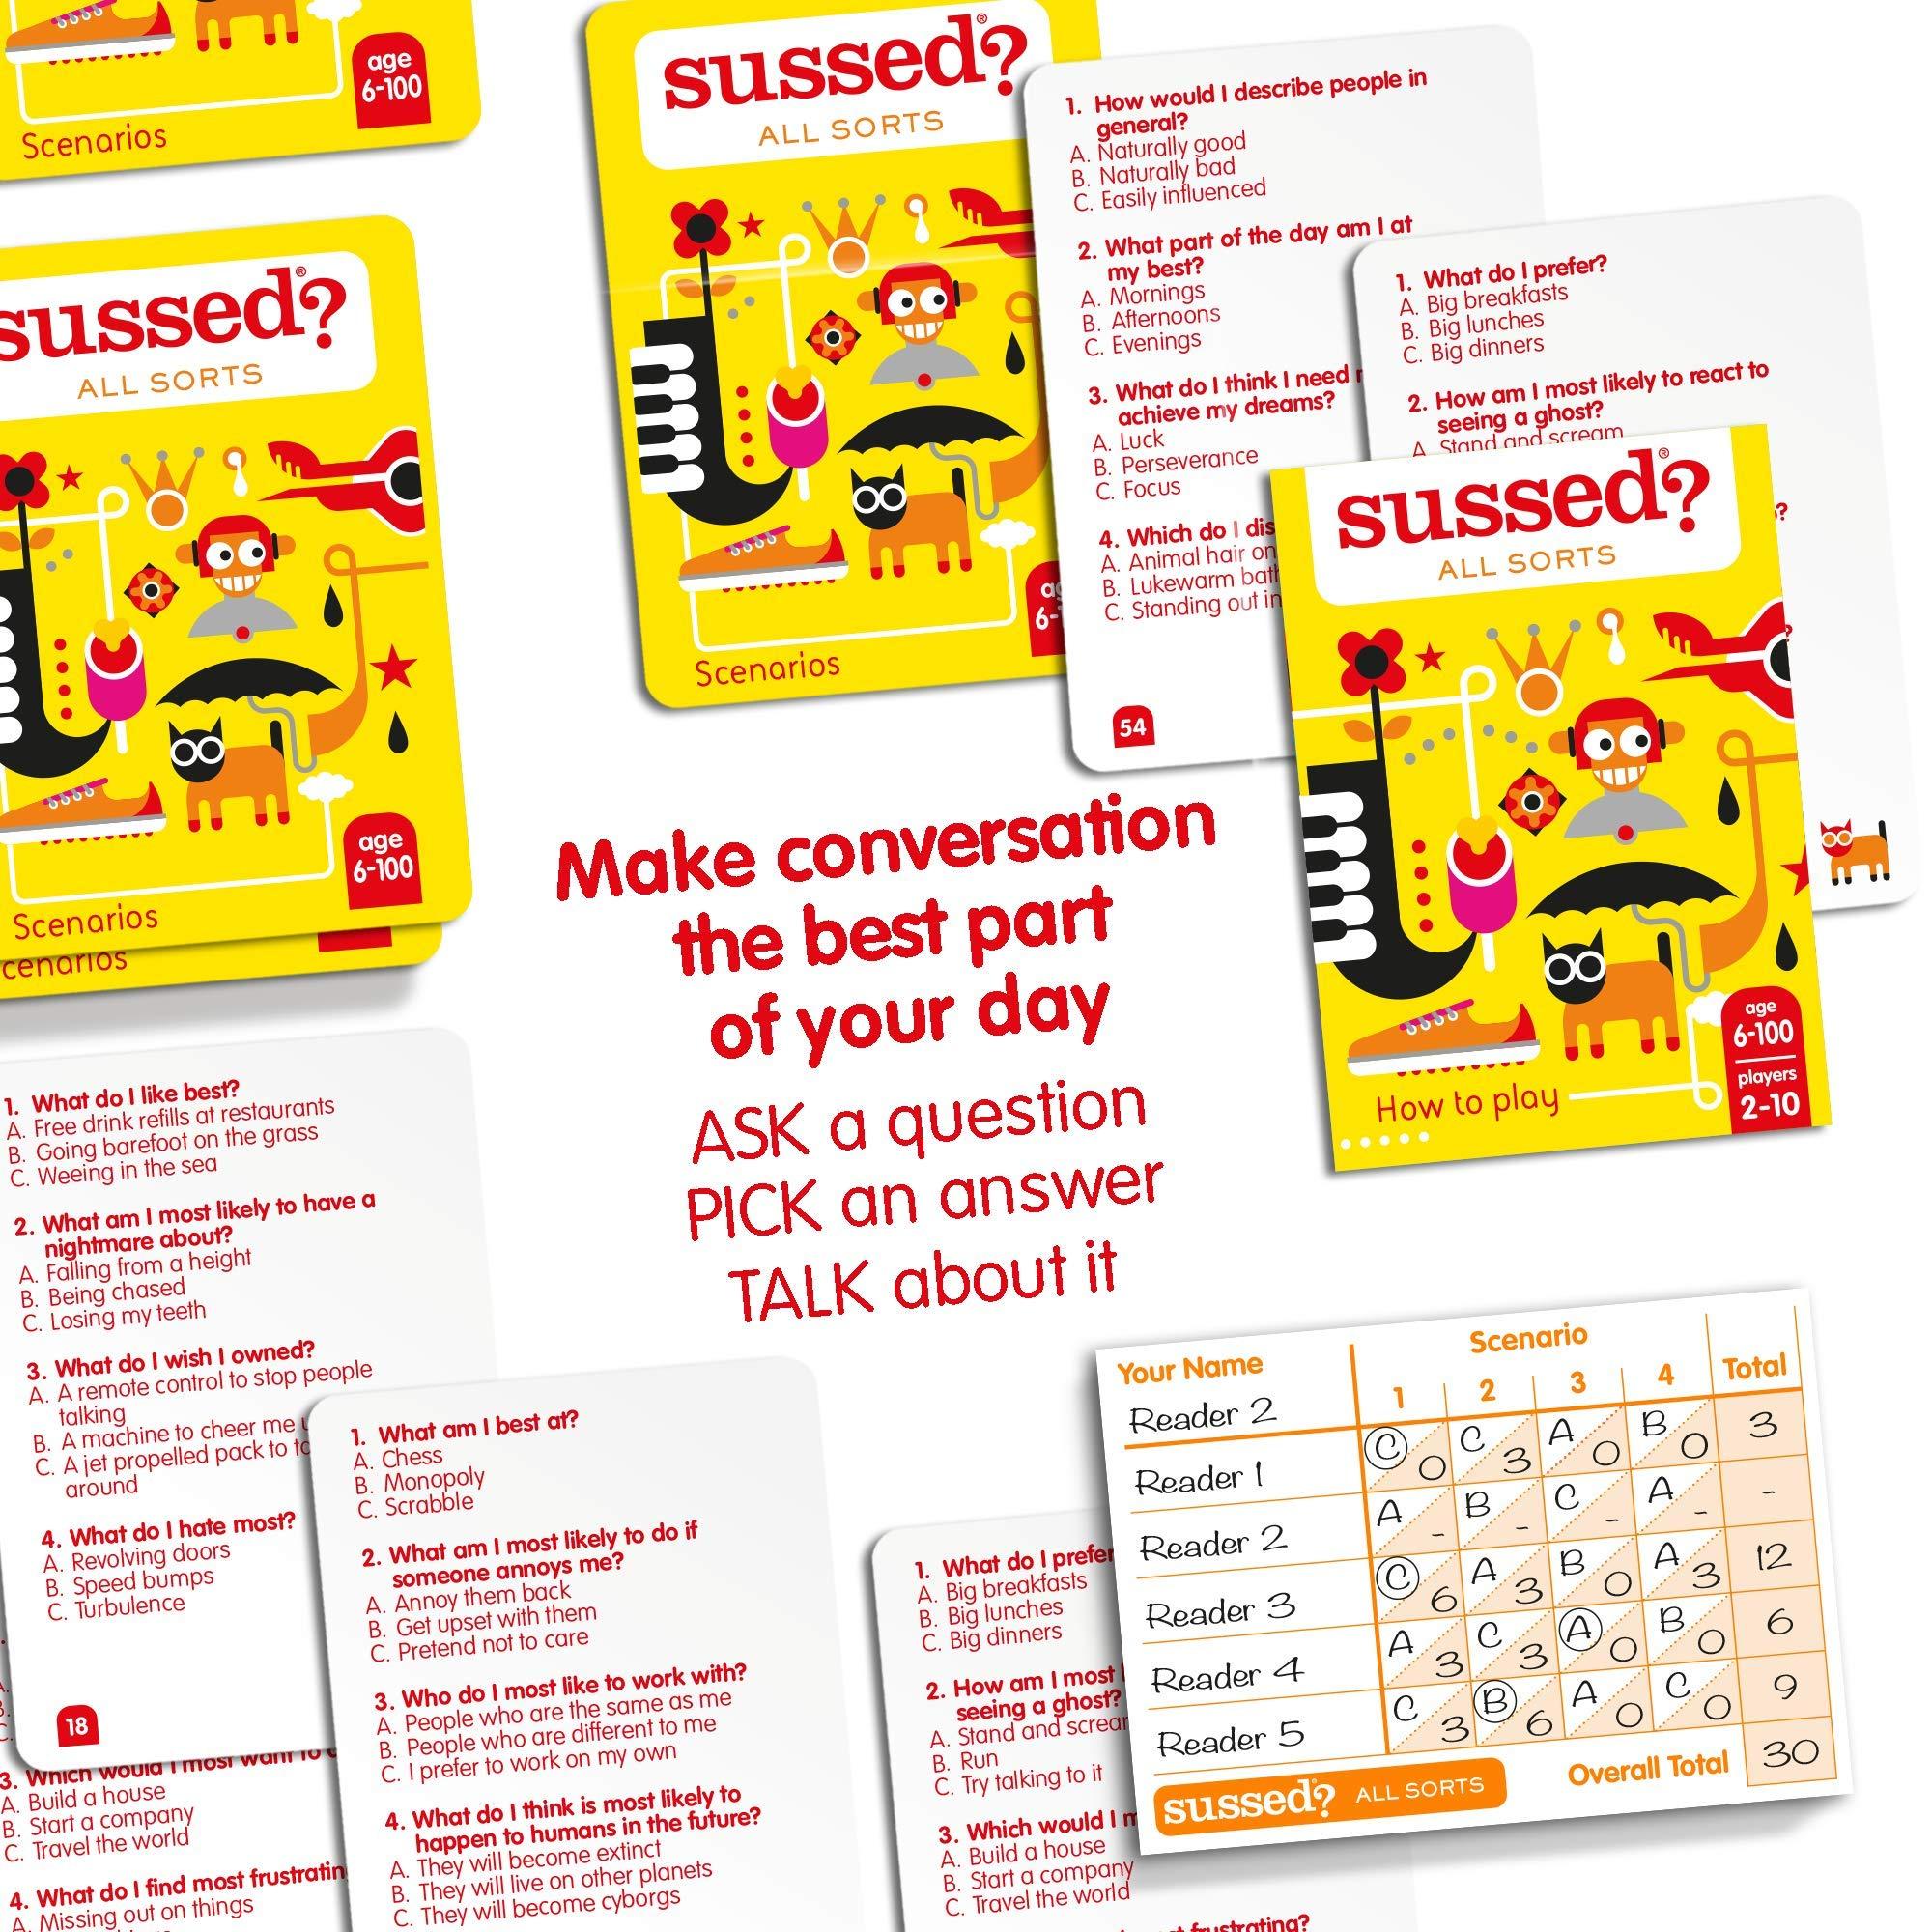 SUSSED ALL SORTS (EDICIÓN EN INGLÉS) (Divertidísimo y familiar juego de conversación de cartas) (Descubre quién conoce mejor a quién): Amazon.es: Juguetes y juegos